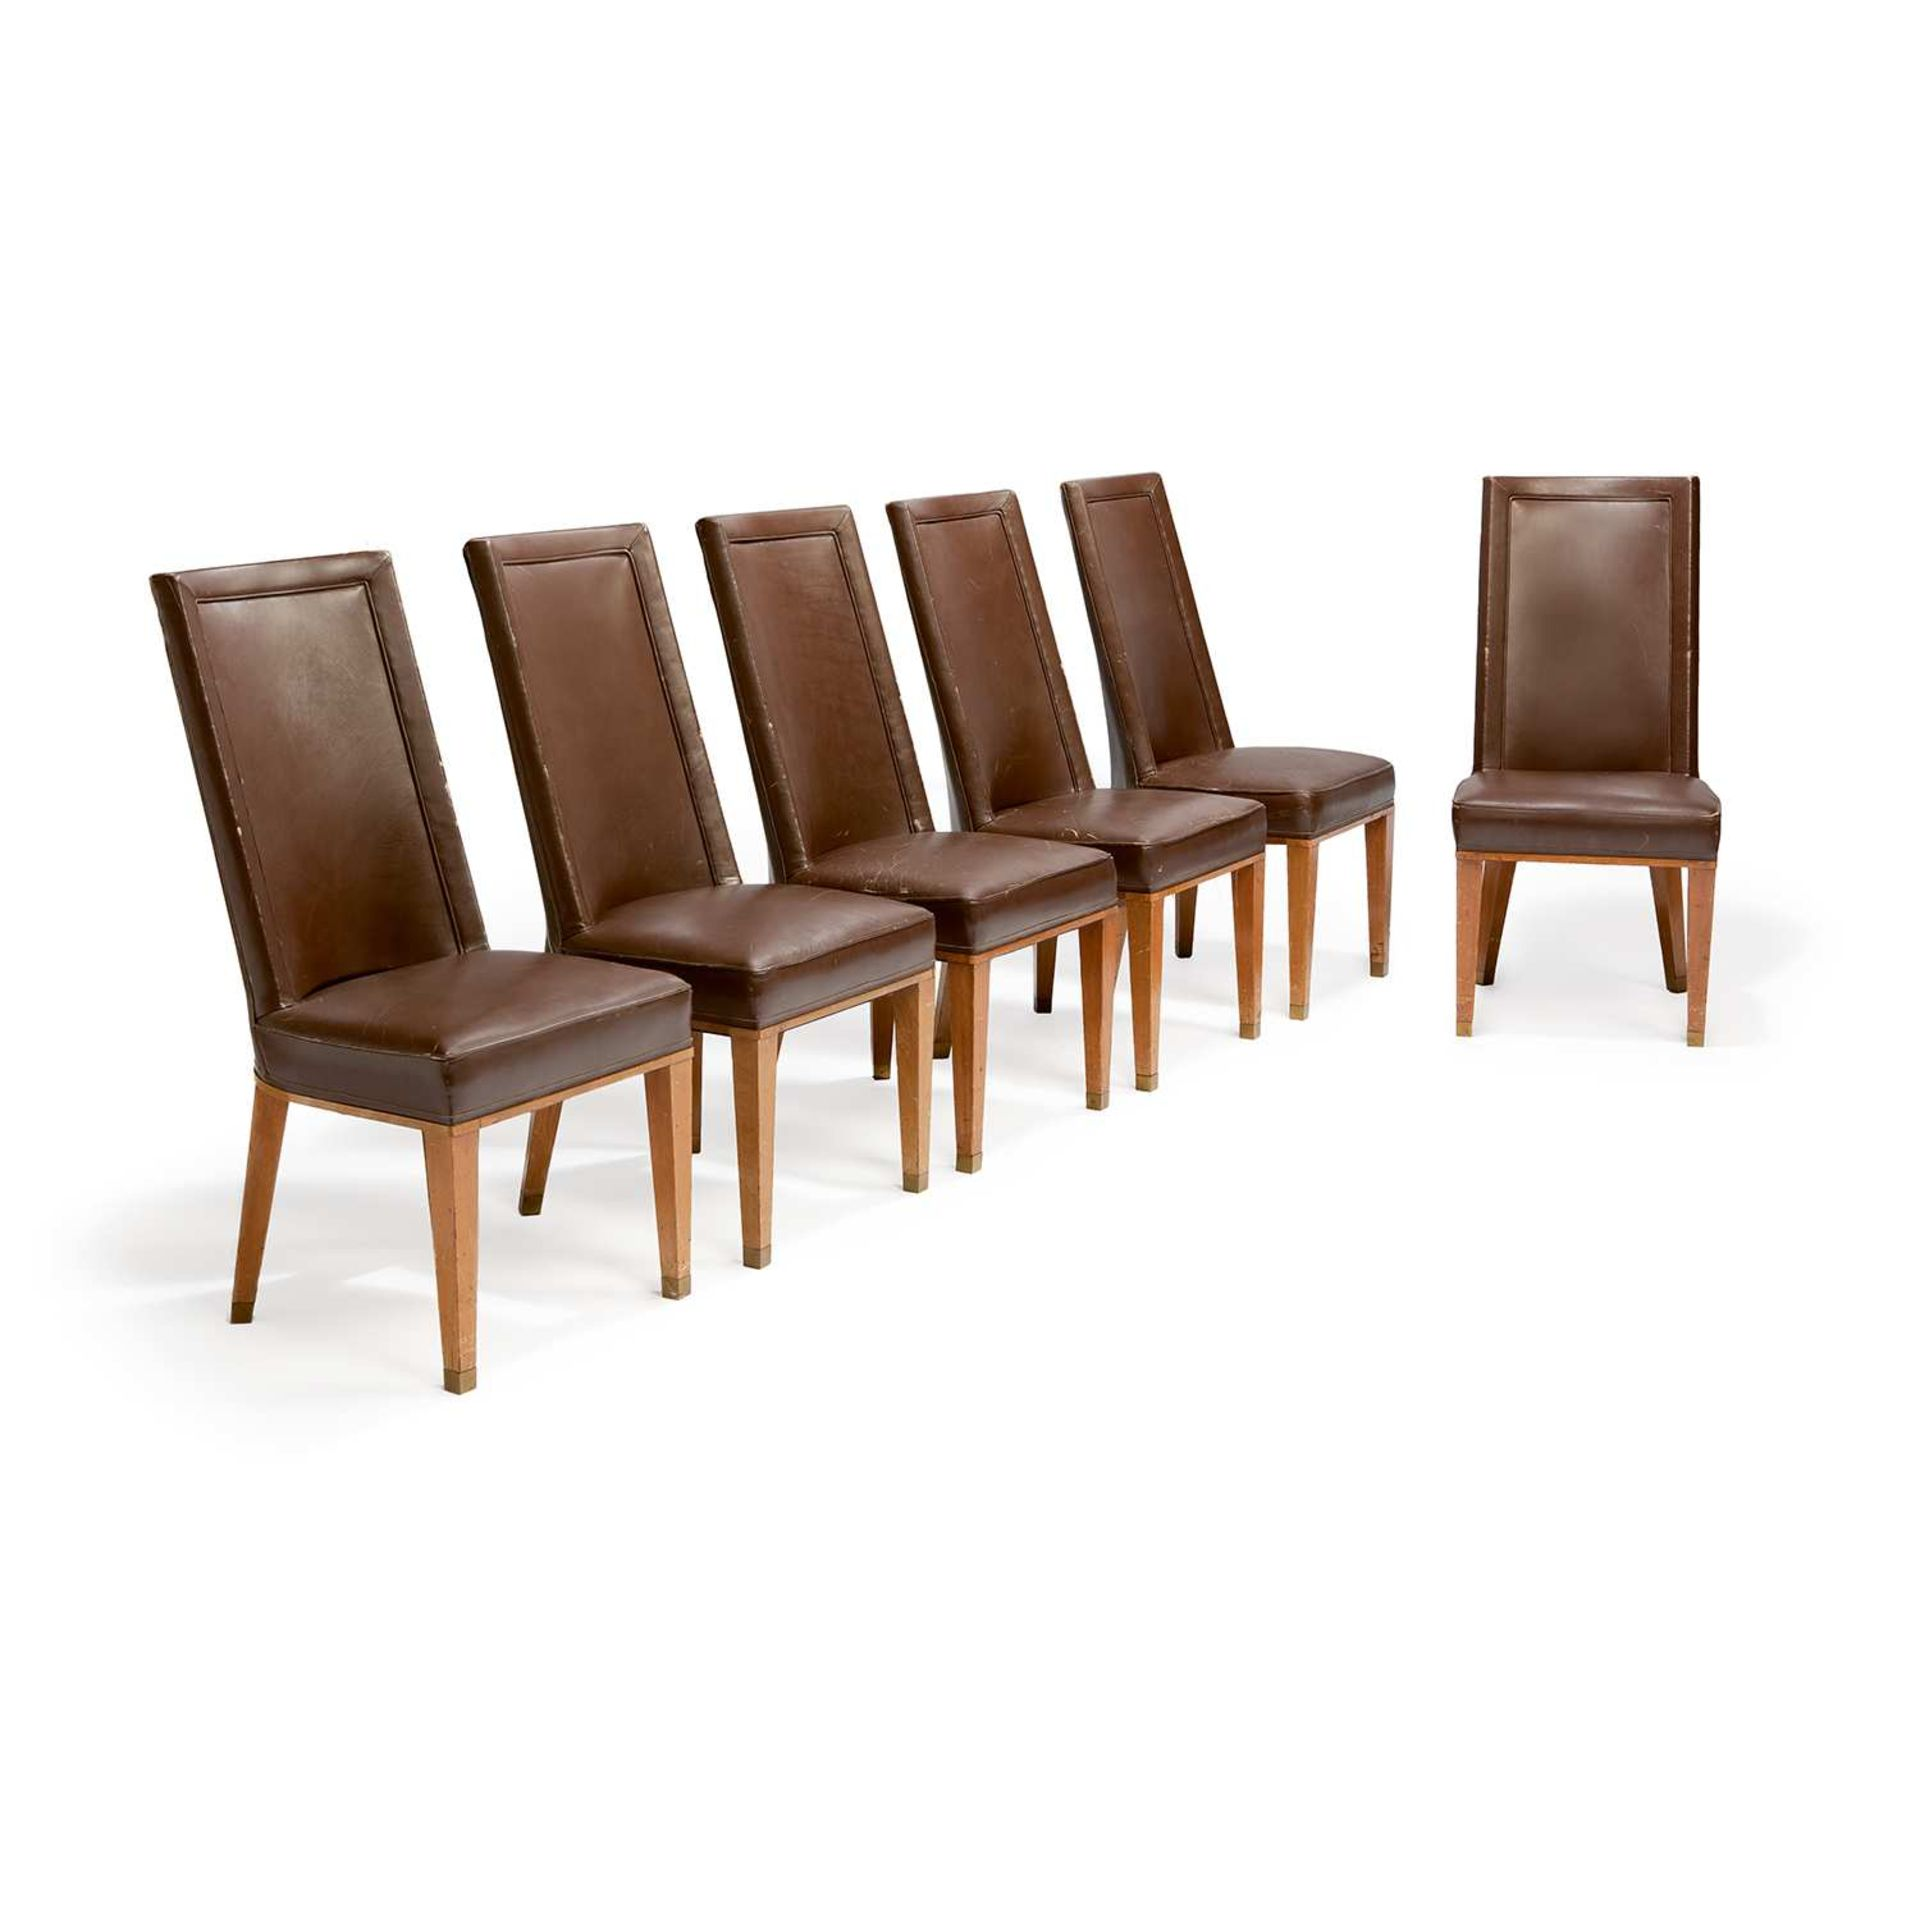 Los 59 - JACQUES ADNET (1901-1984) Suite de douze chaises néoclassiques, circa 1955, à structure en hêtre,